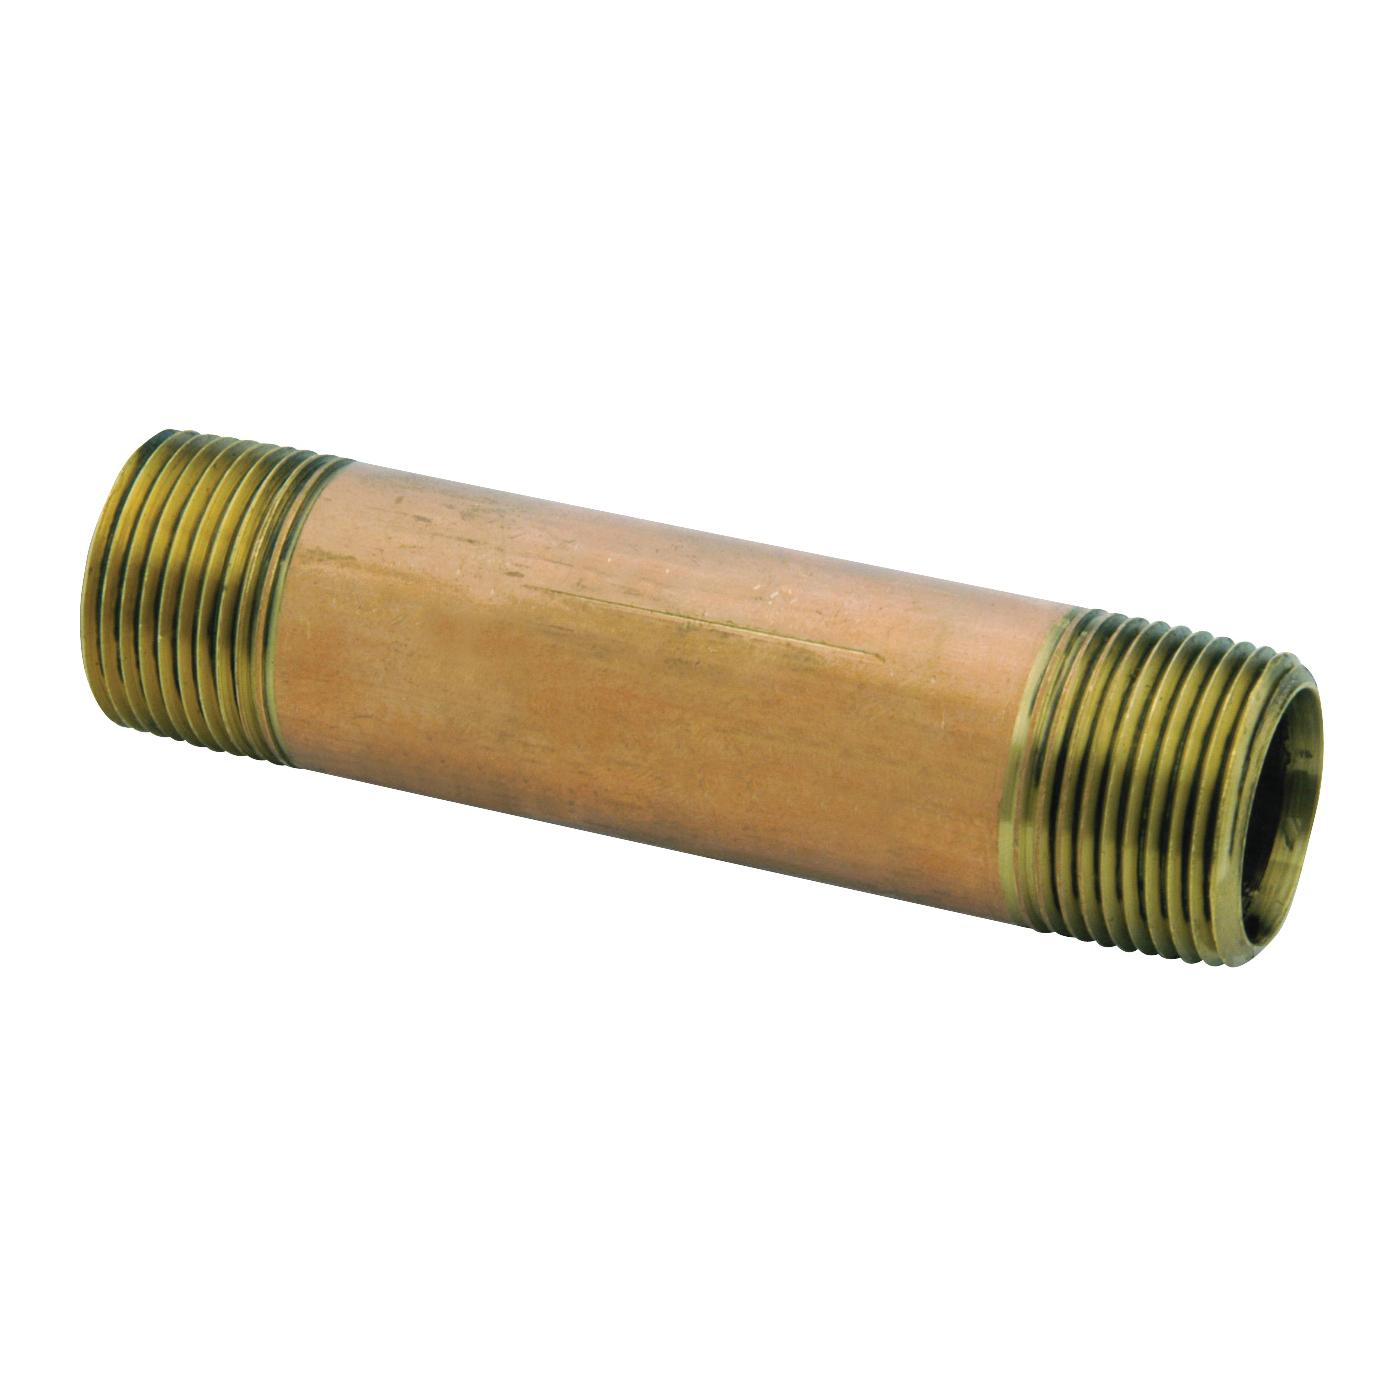 Anderson Metals 38300-0840